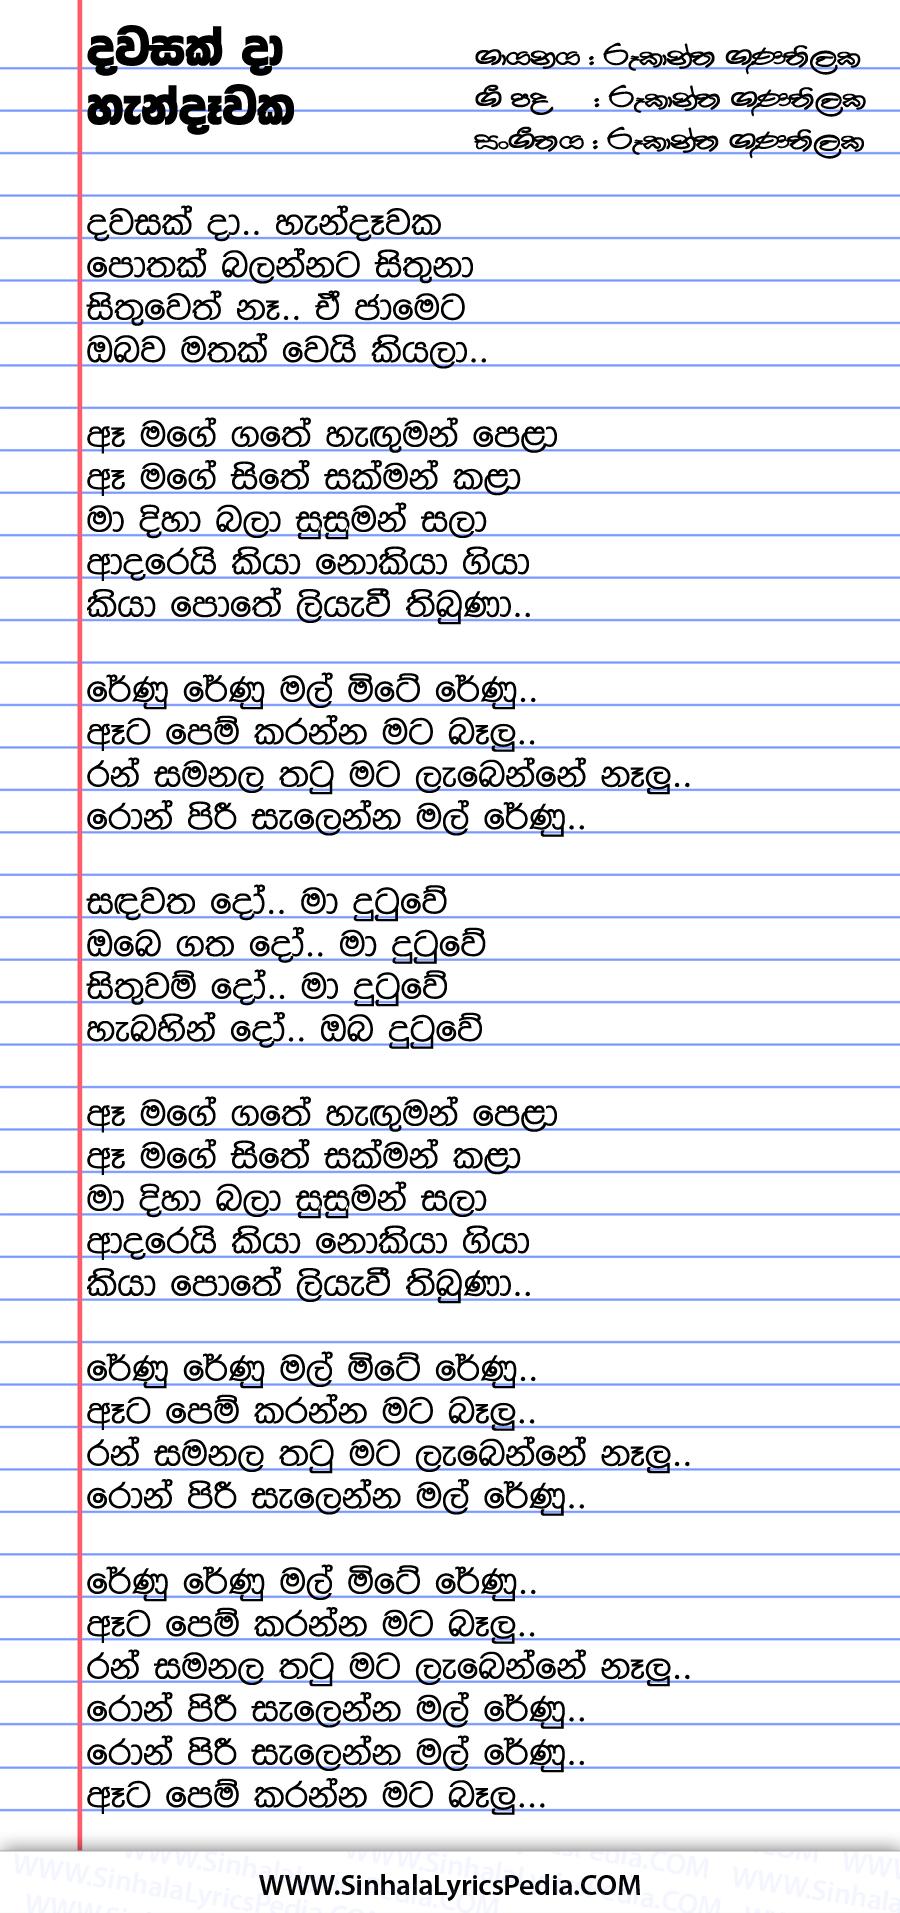 Dawasak Da Handawaka Song Lyrics